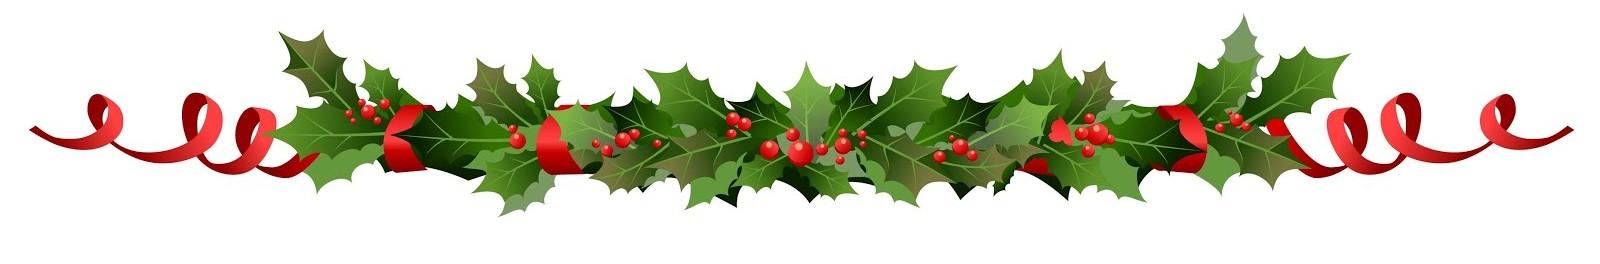 best navidad with guirnalda navidad - Guirnaldas De Navidad